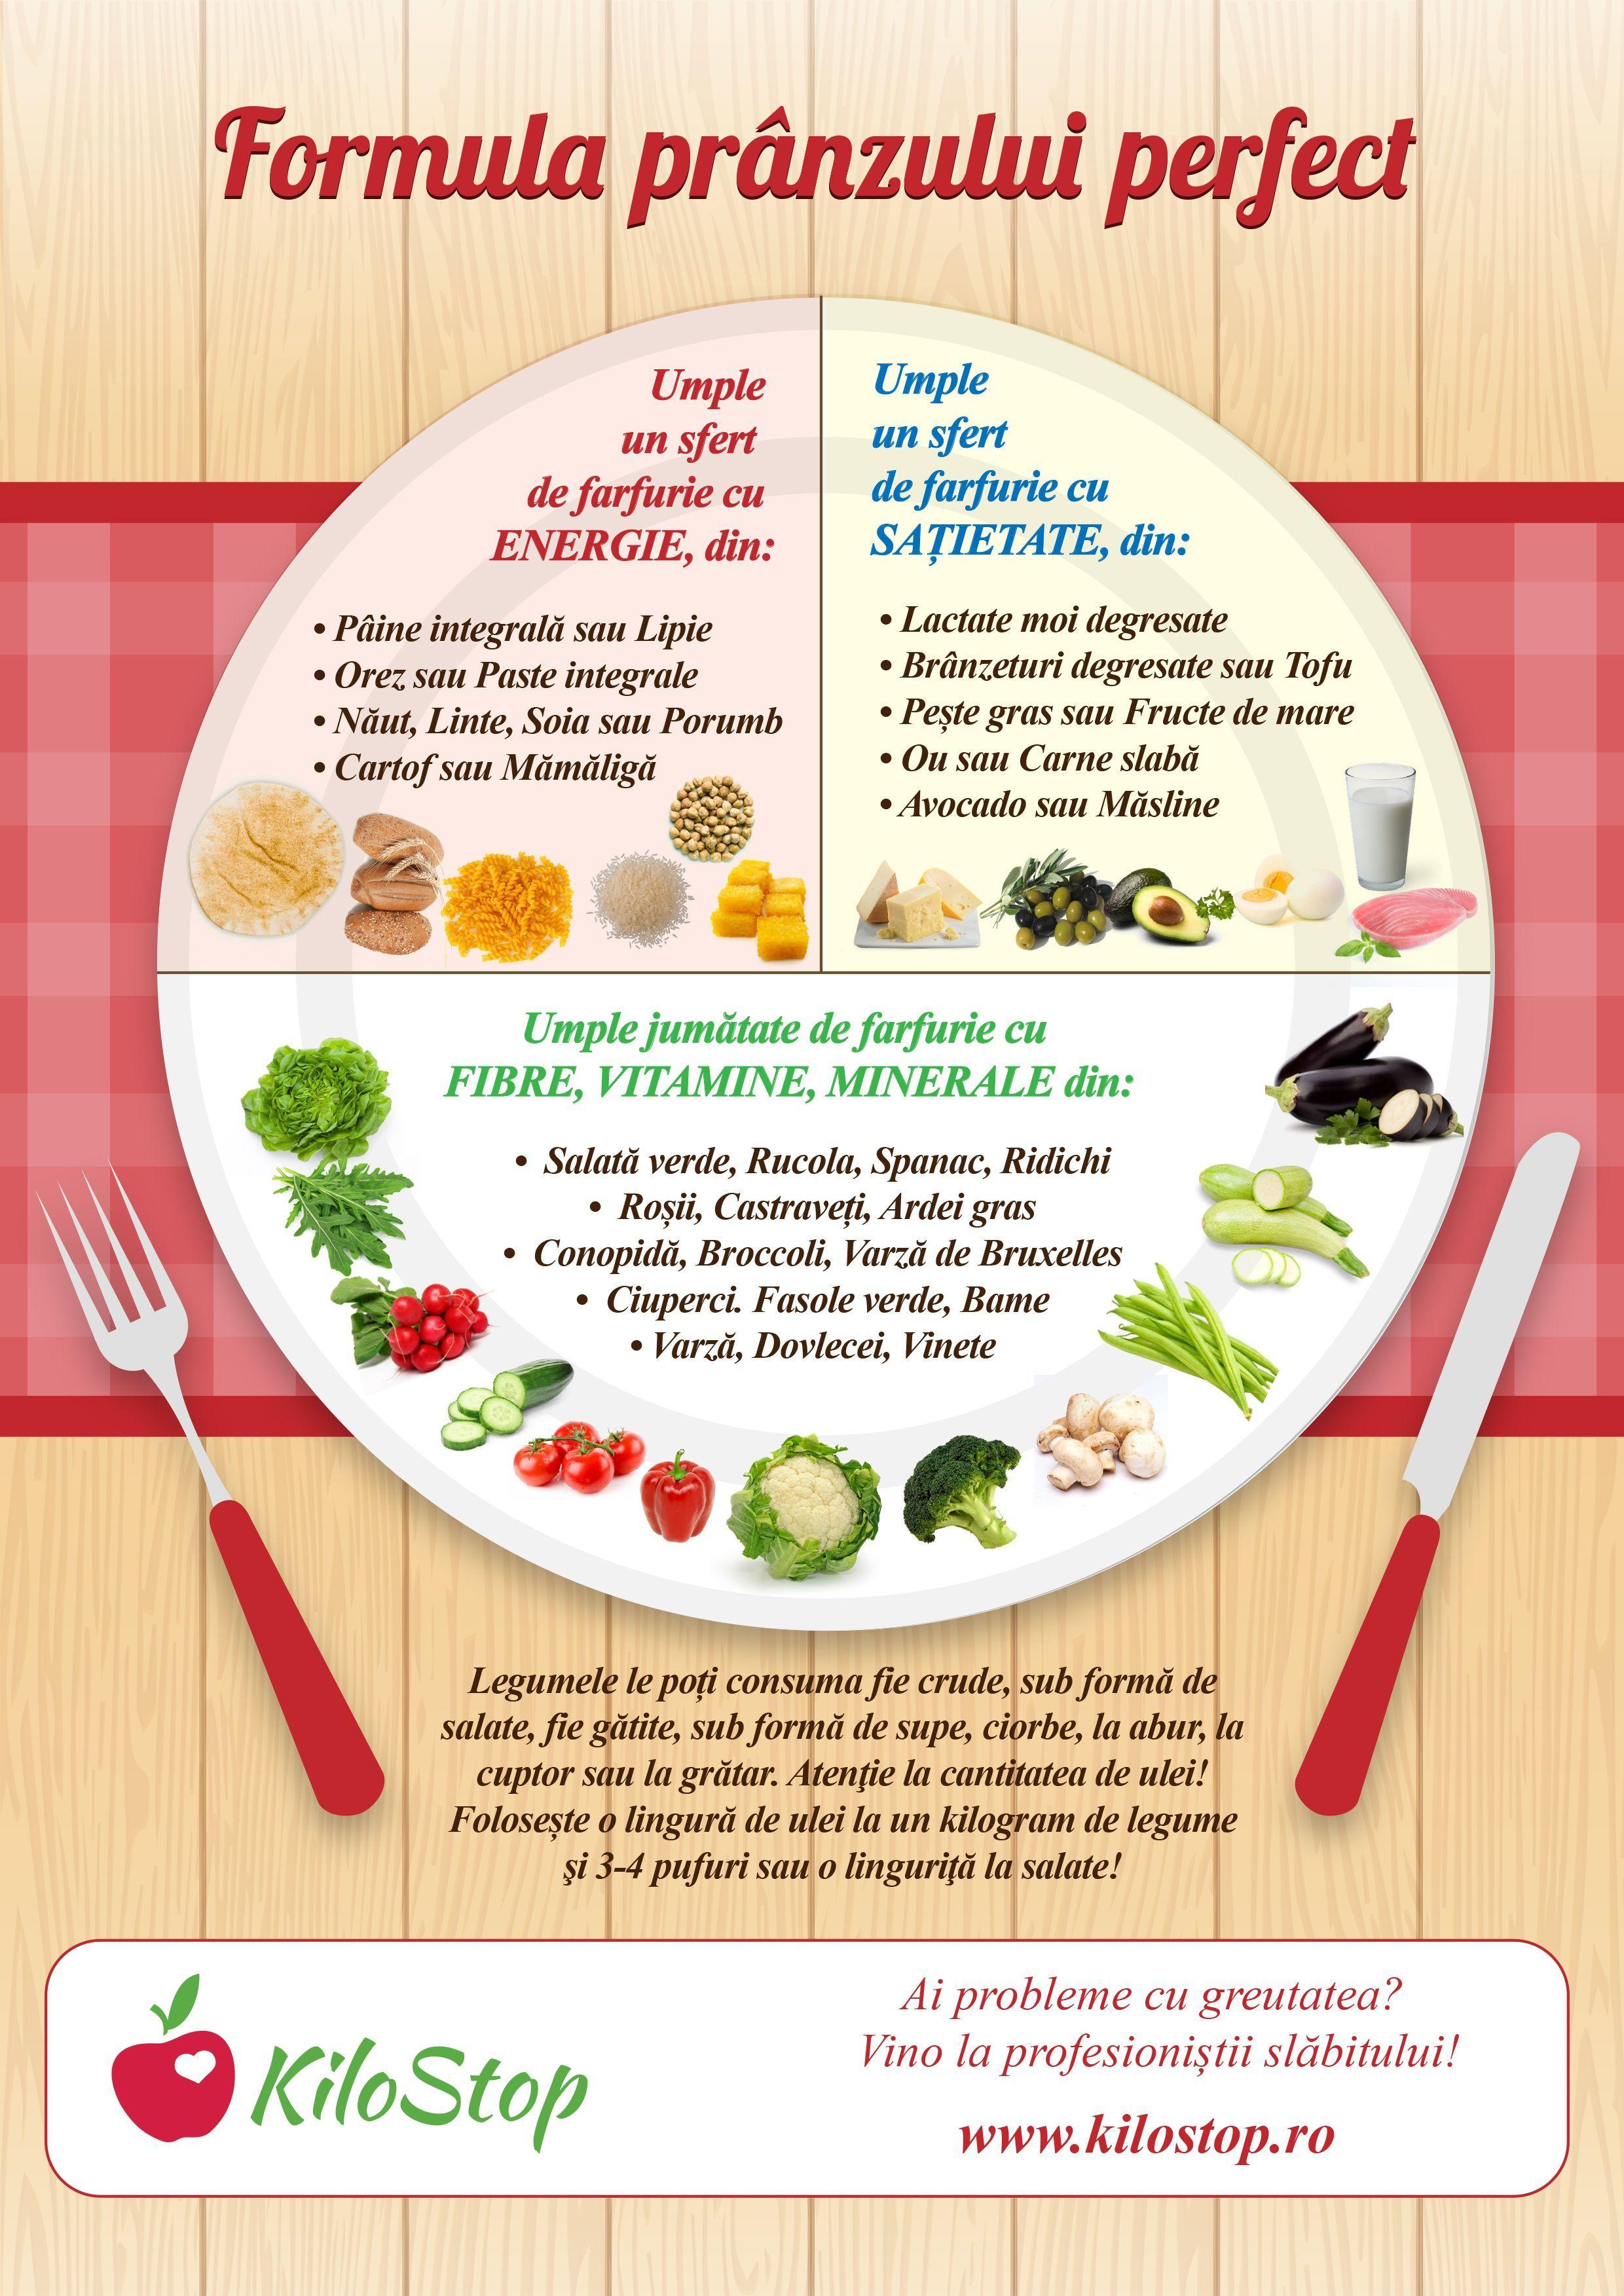 pierderea în greutate ceea ce se întâmplă cu corpul pierdeți în greutate în timp ce încercați să concepeți